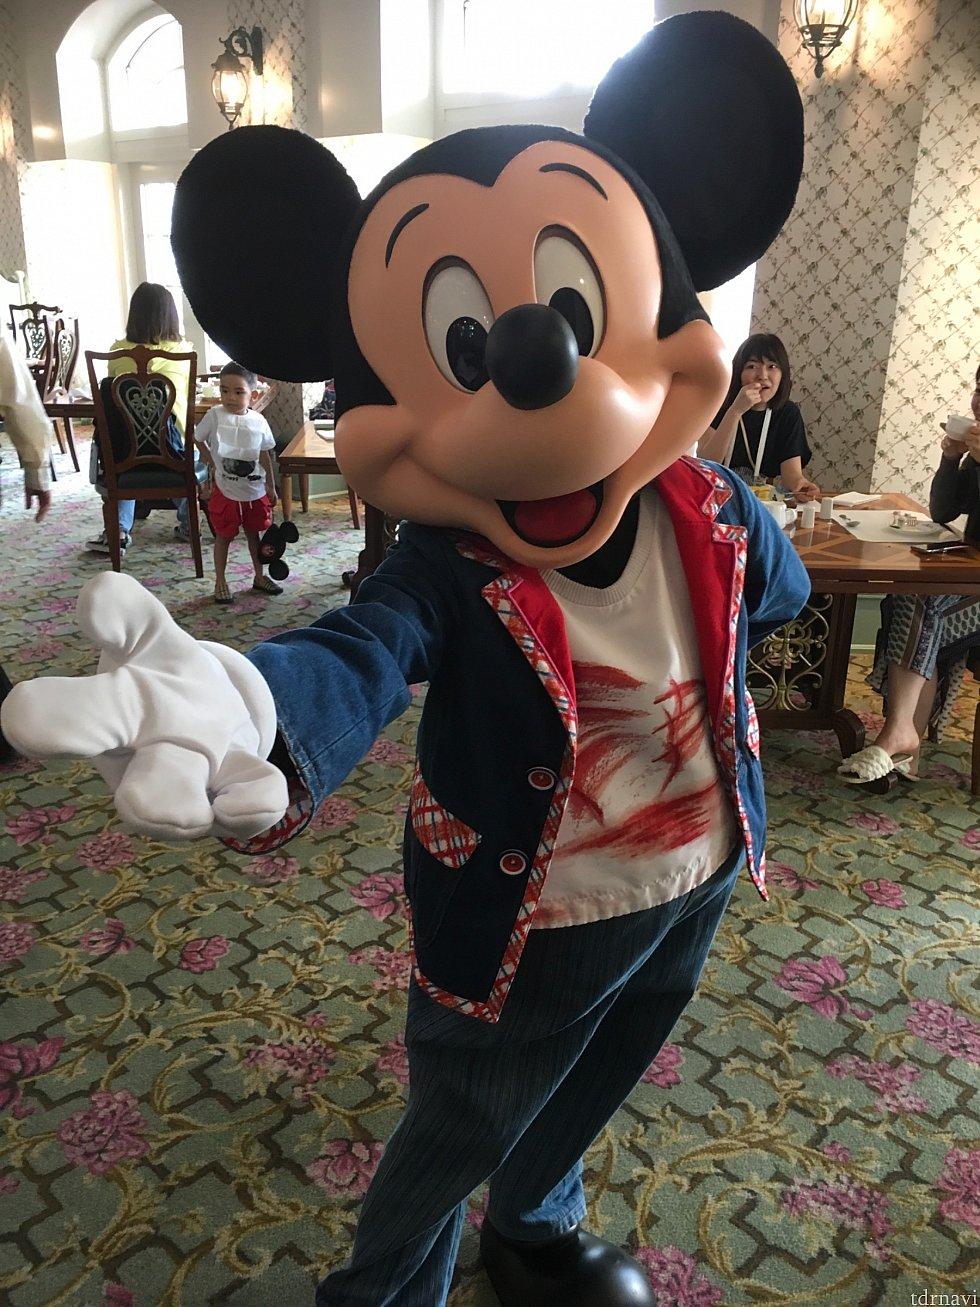 ミッキーは確かシャツに描かれたのが香港ならではの船・サンパン船だったかと